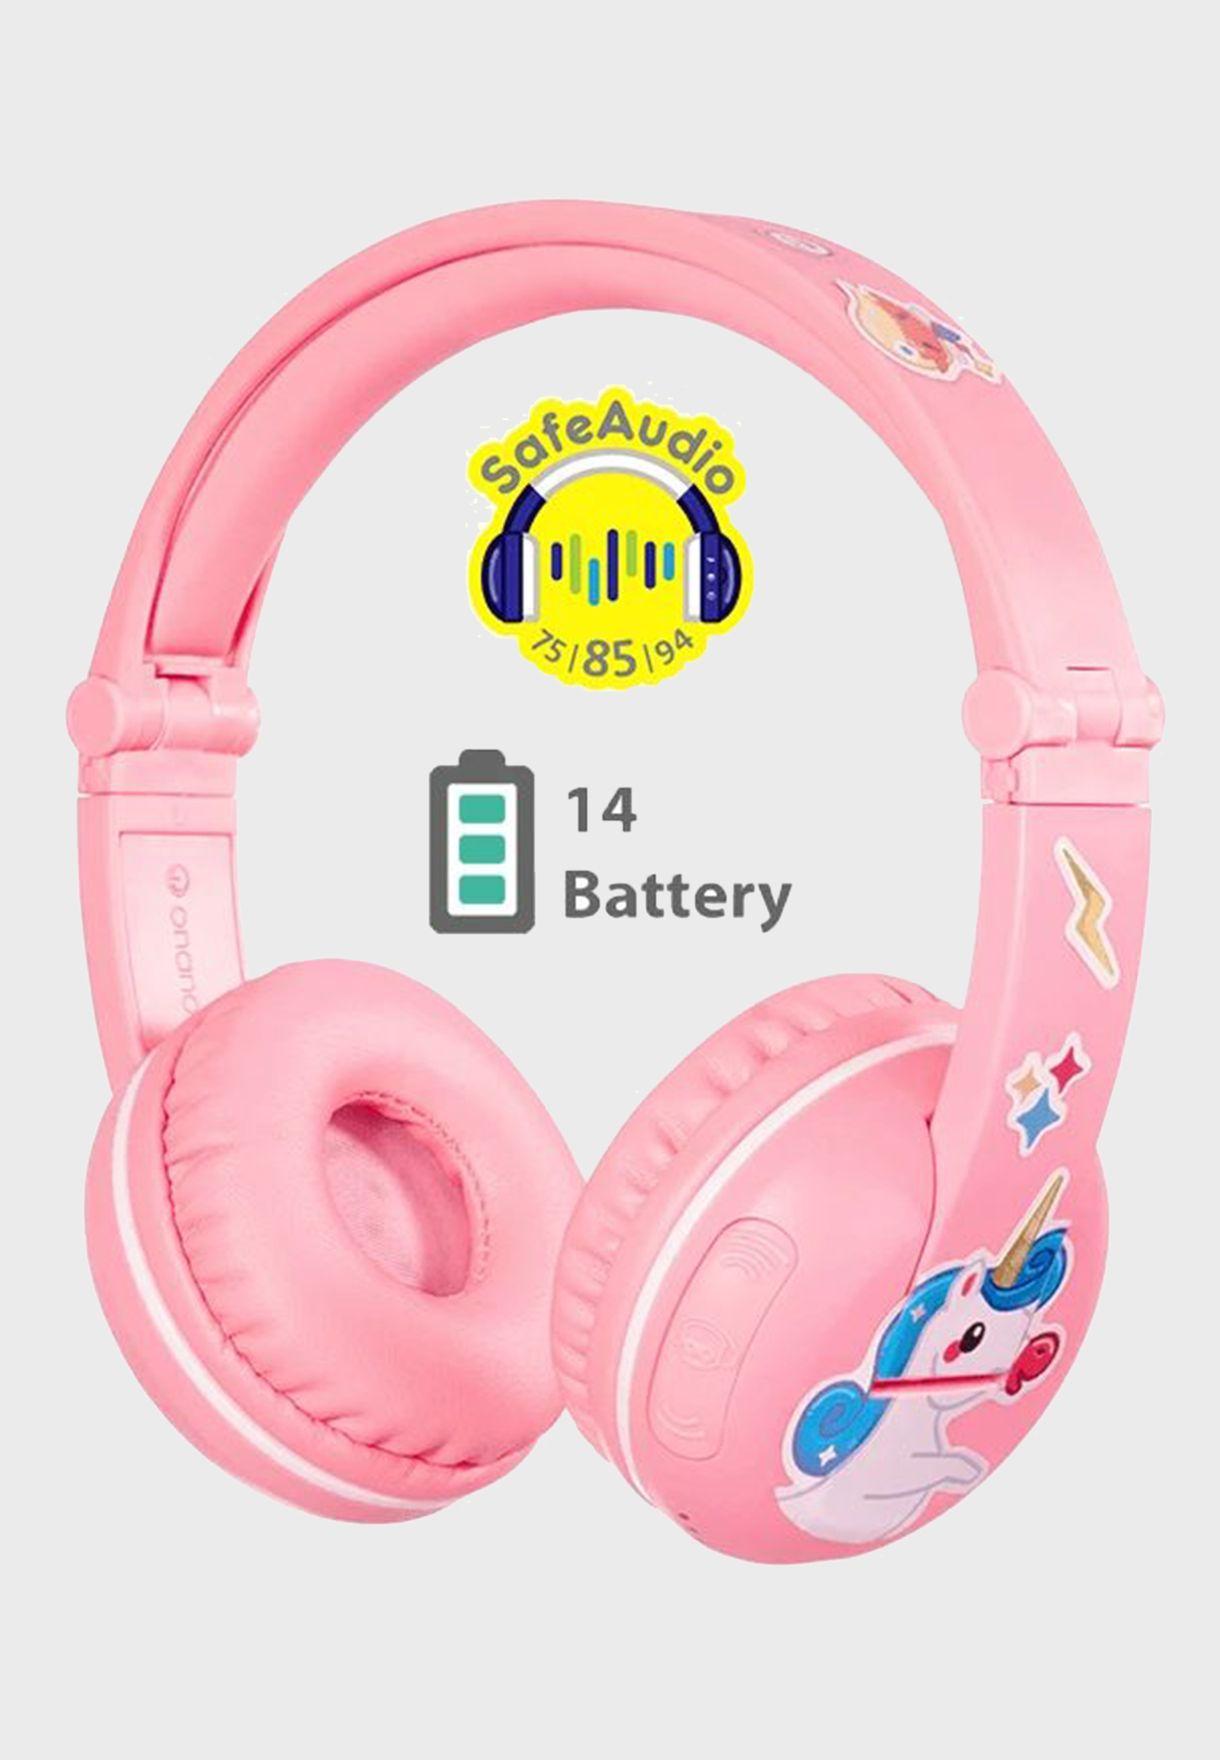 Sakura Wireless Headphones